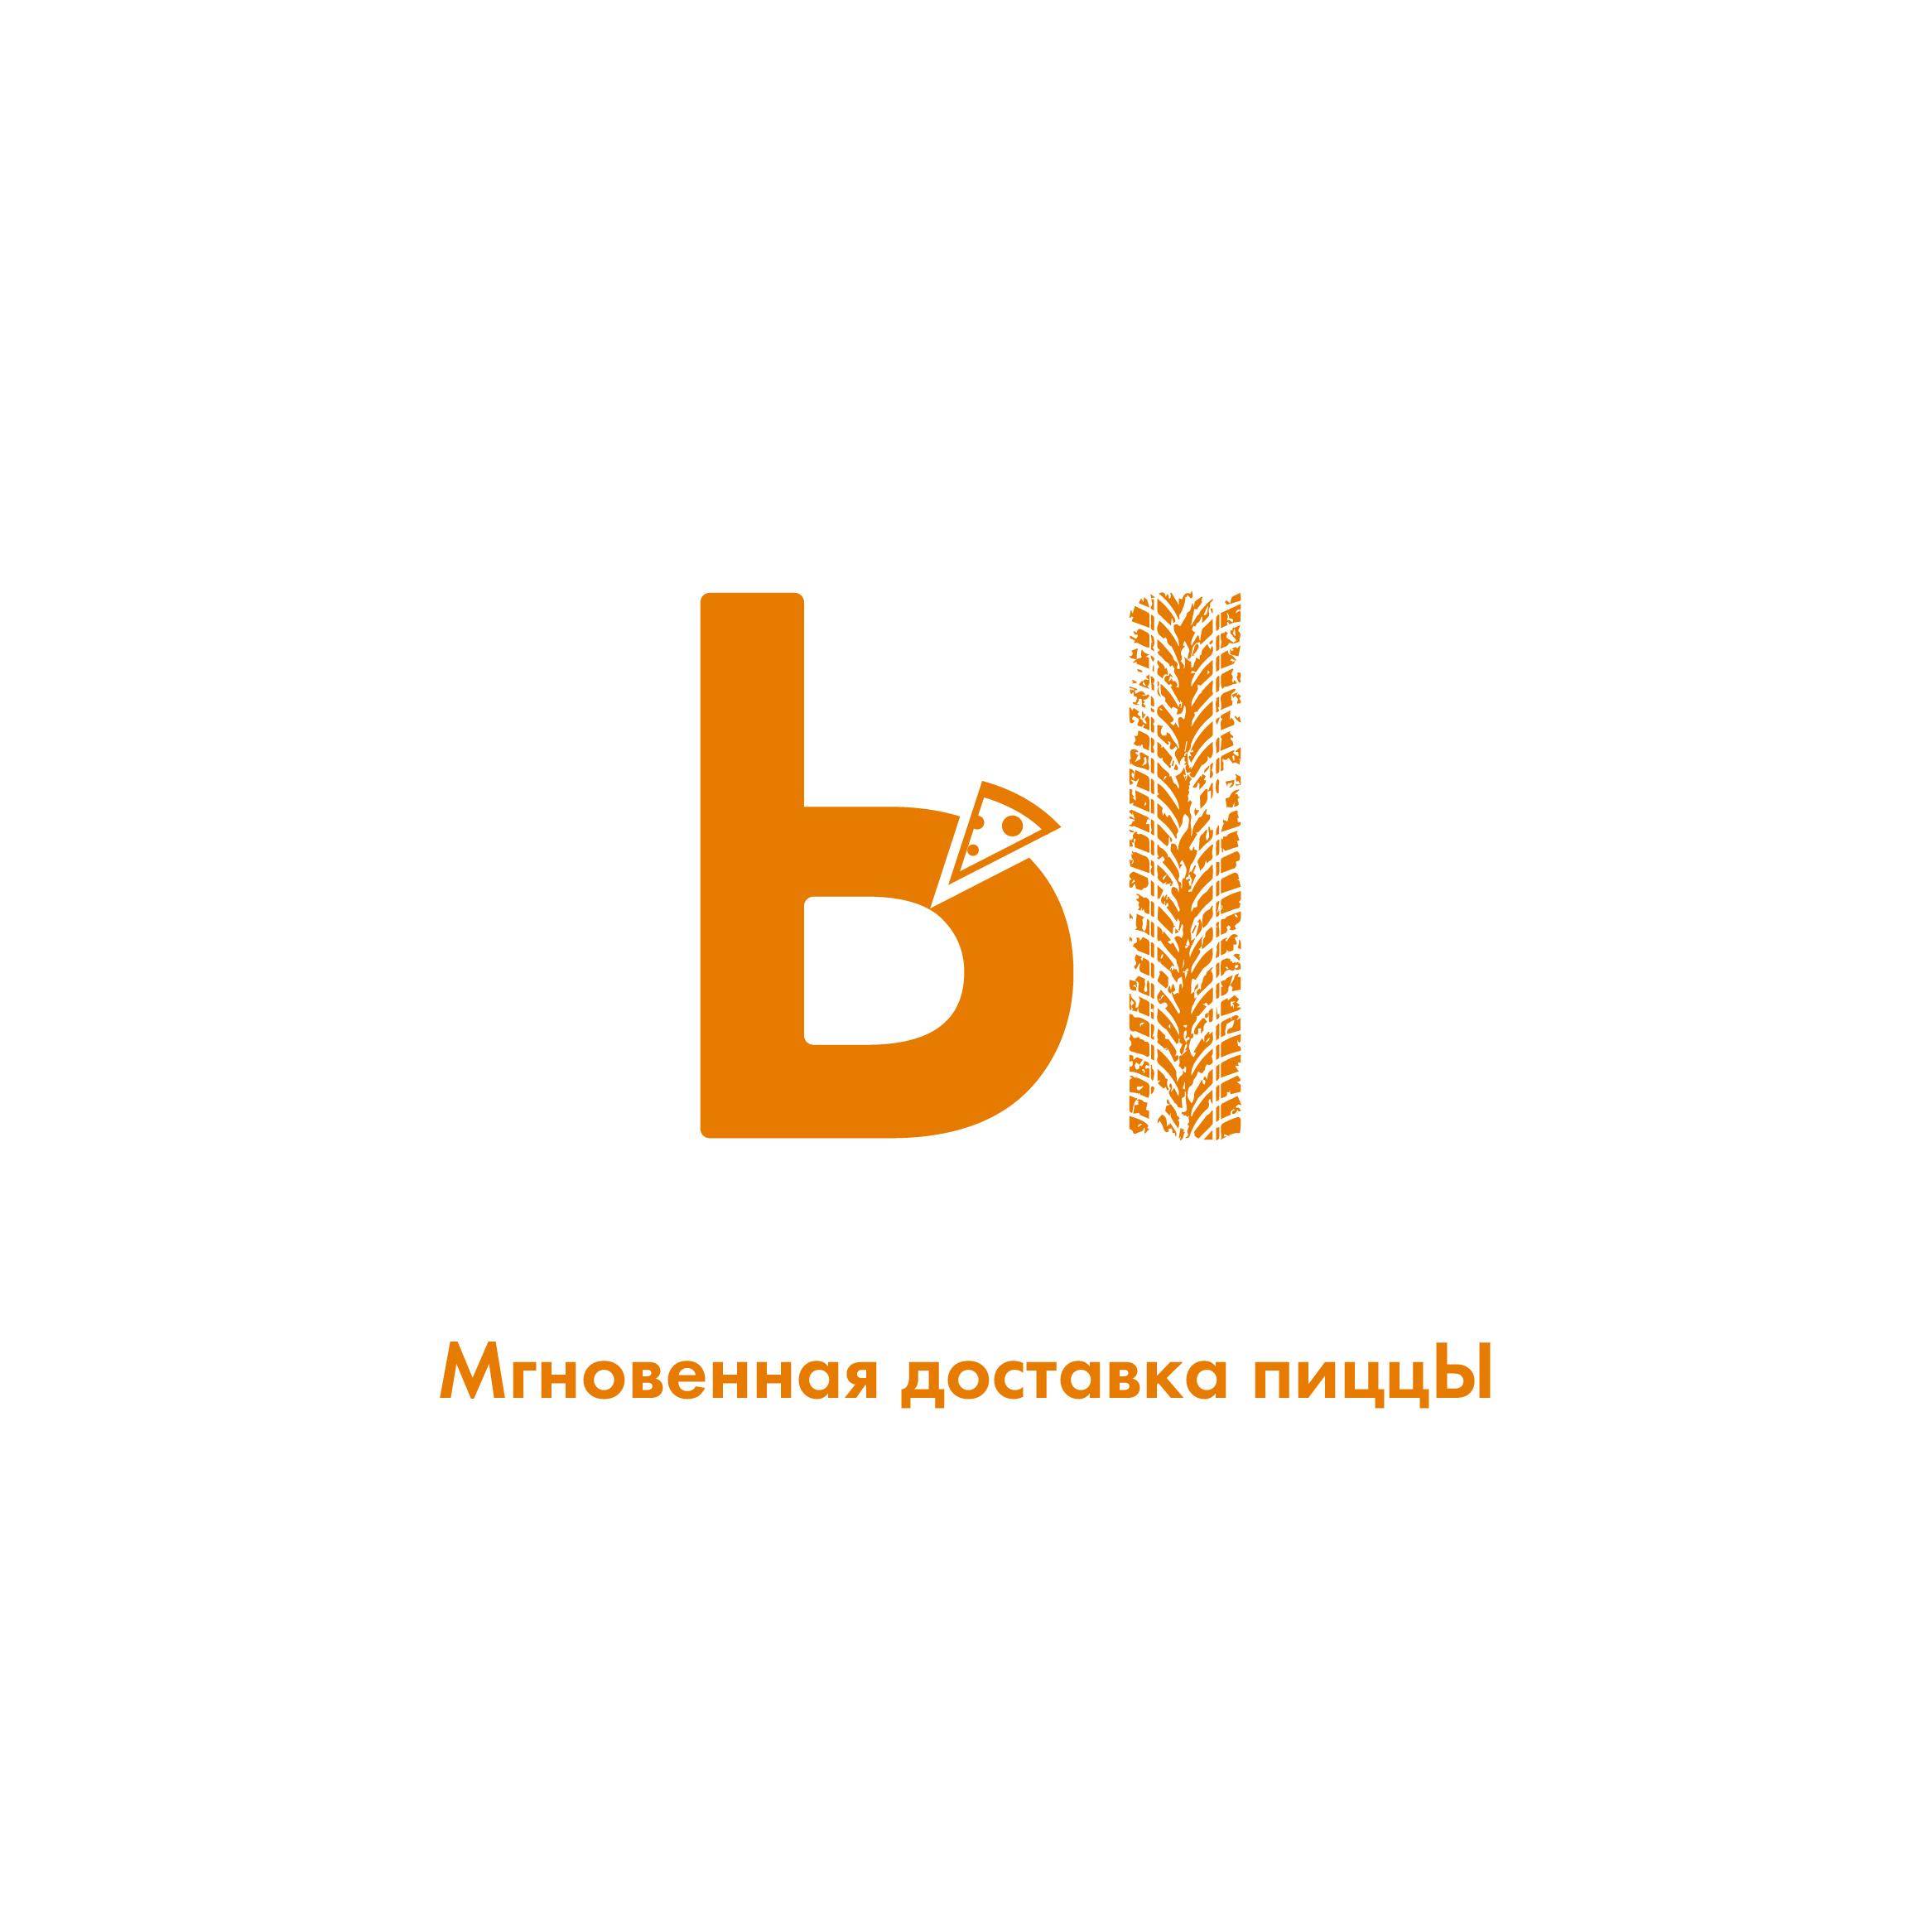 Разыскивается дизайнер для разработки лого службы доставки фото f_4725c3480088fc88.png